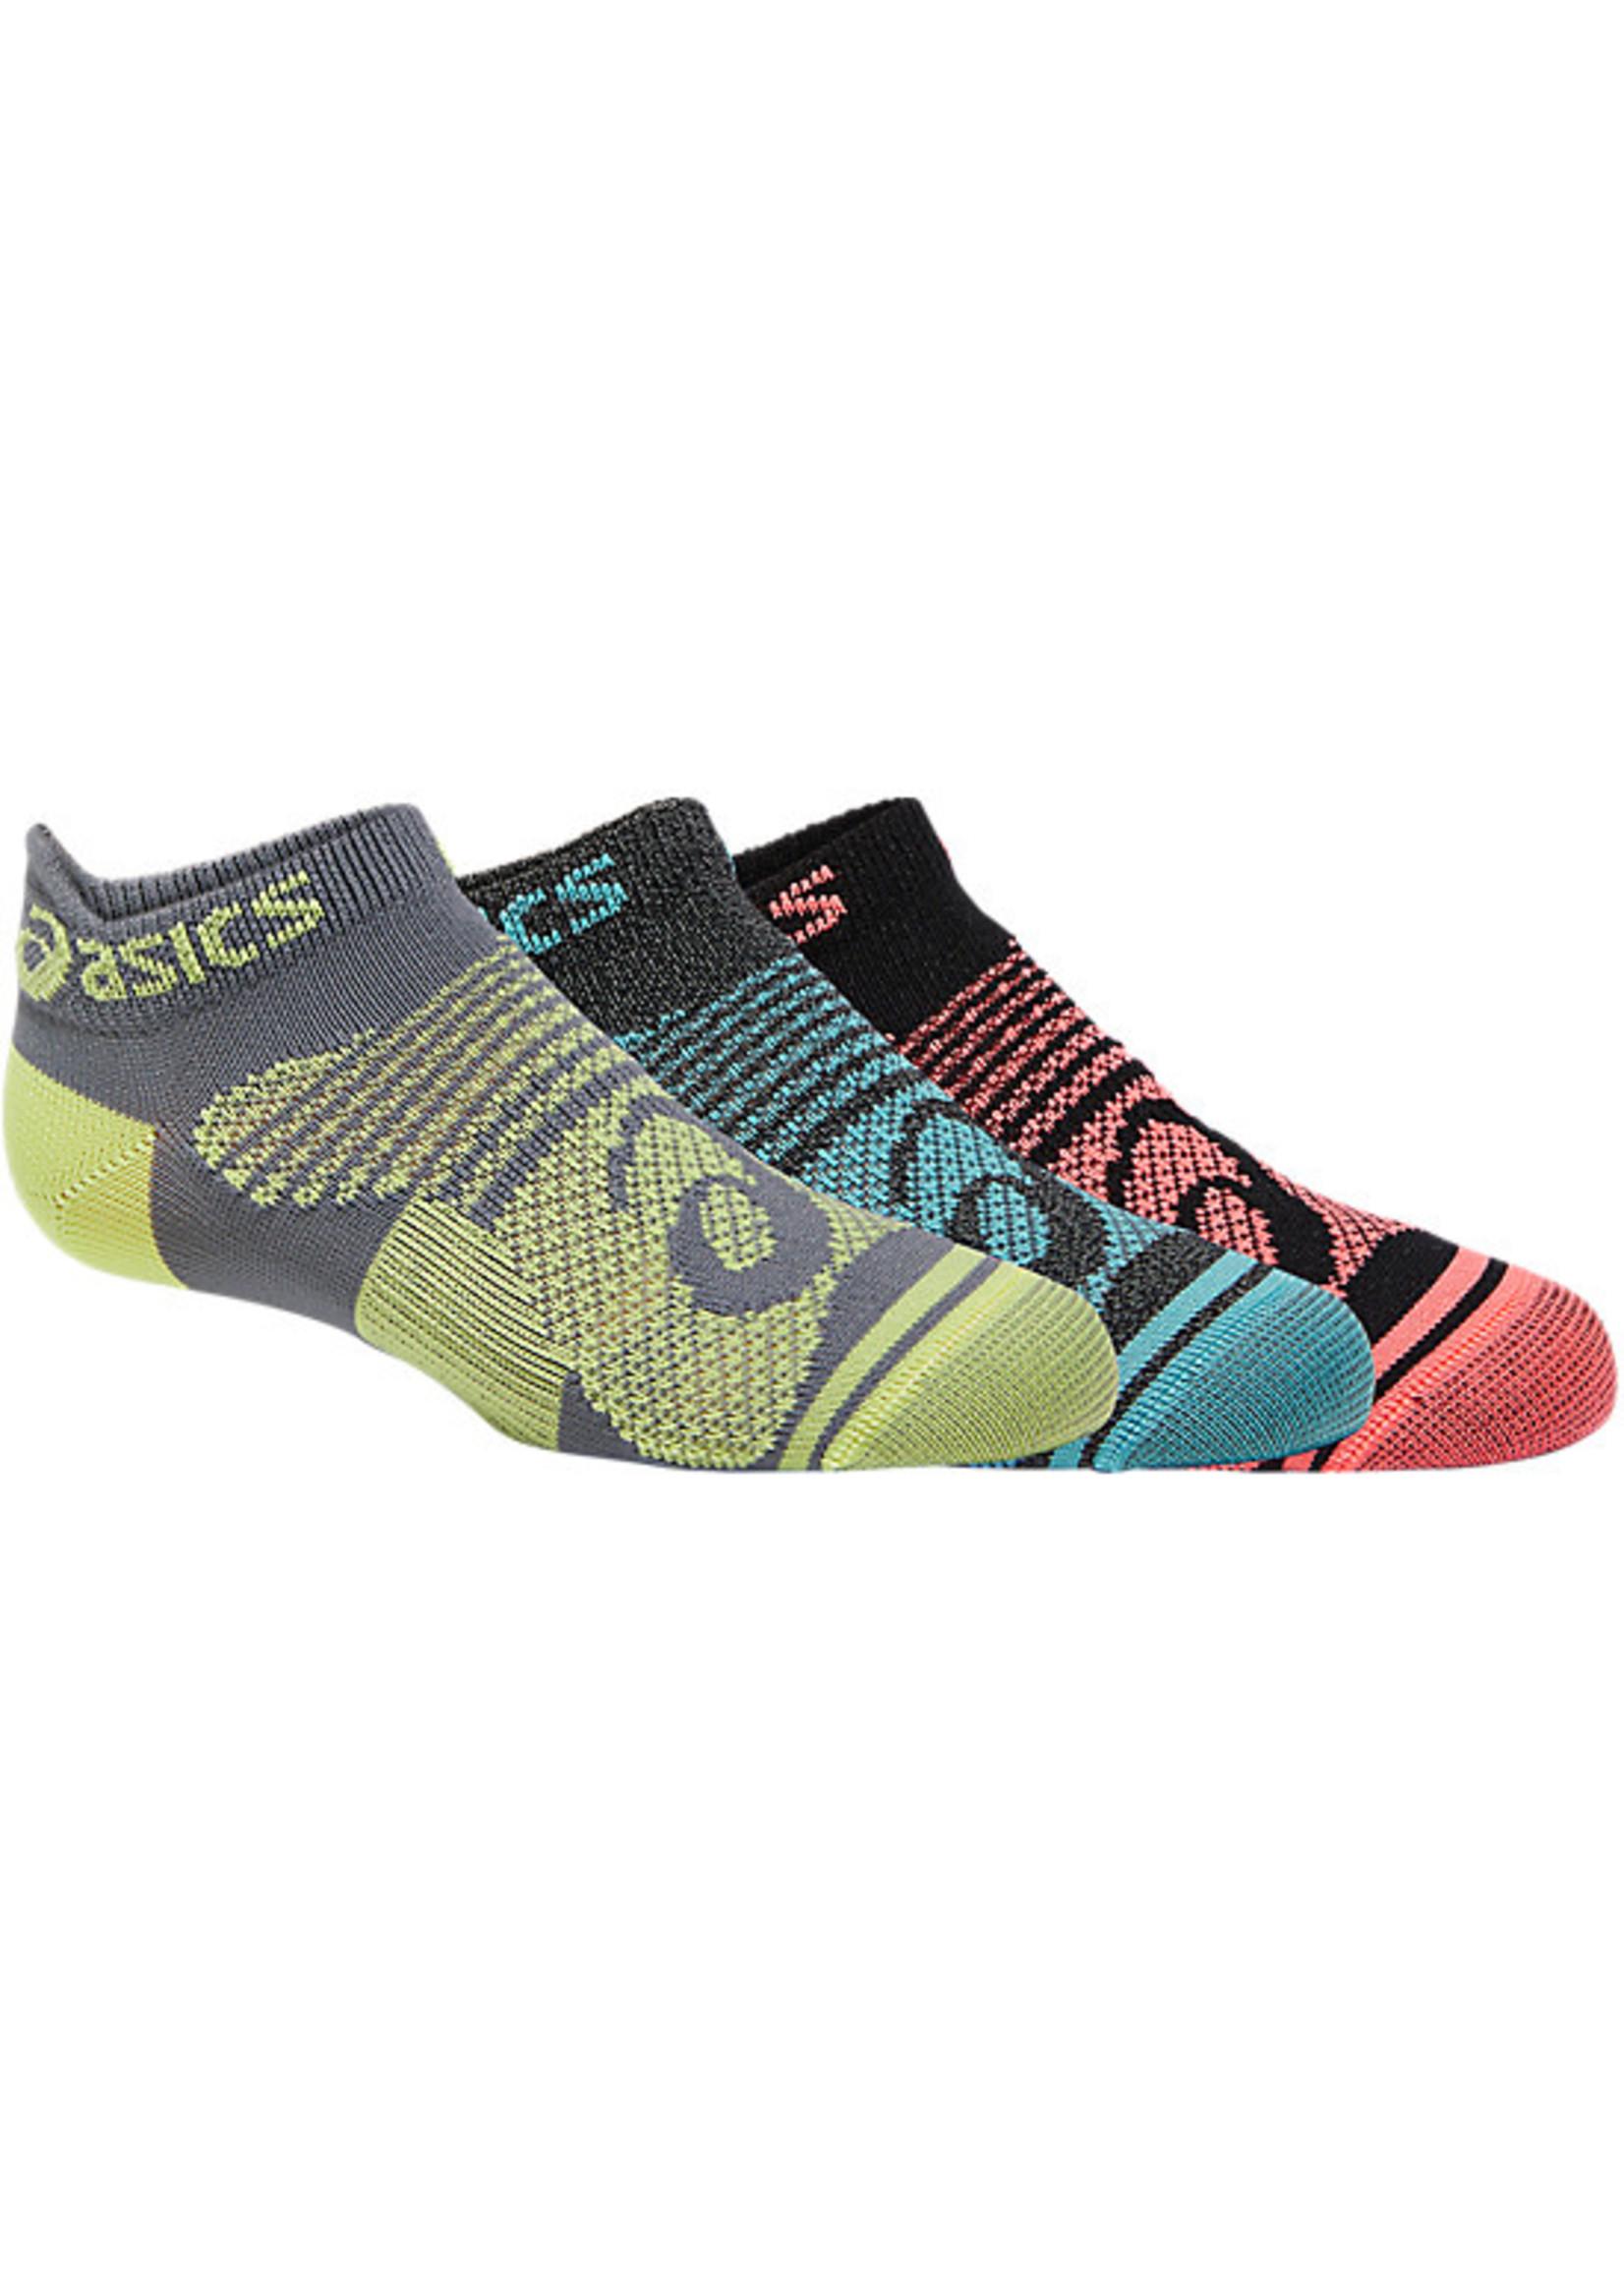 ASICS Chaussettes  Quick Lyte Plus - 3 paires